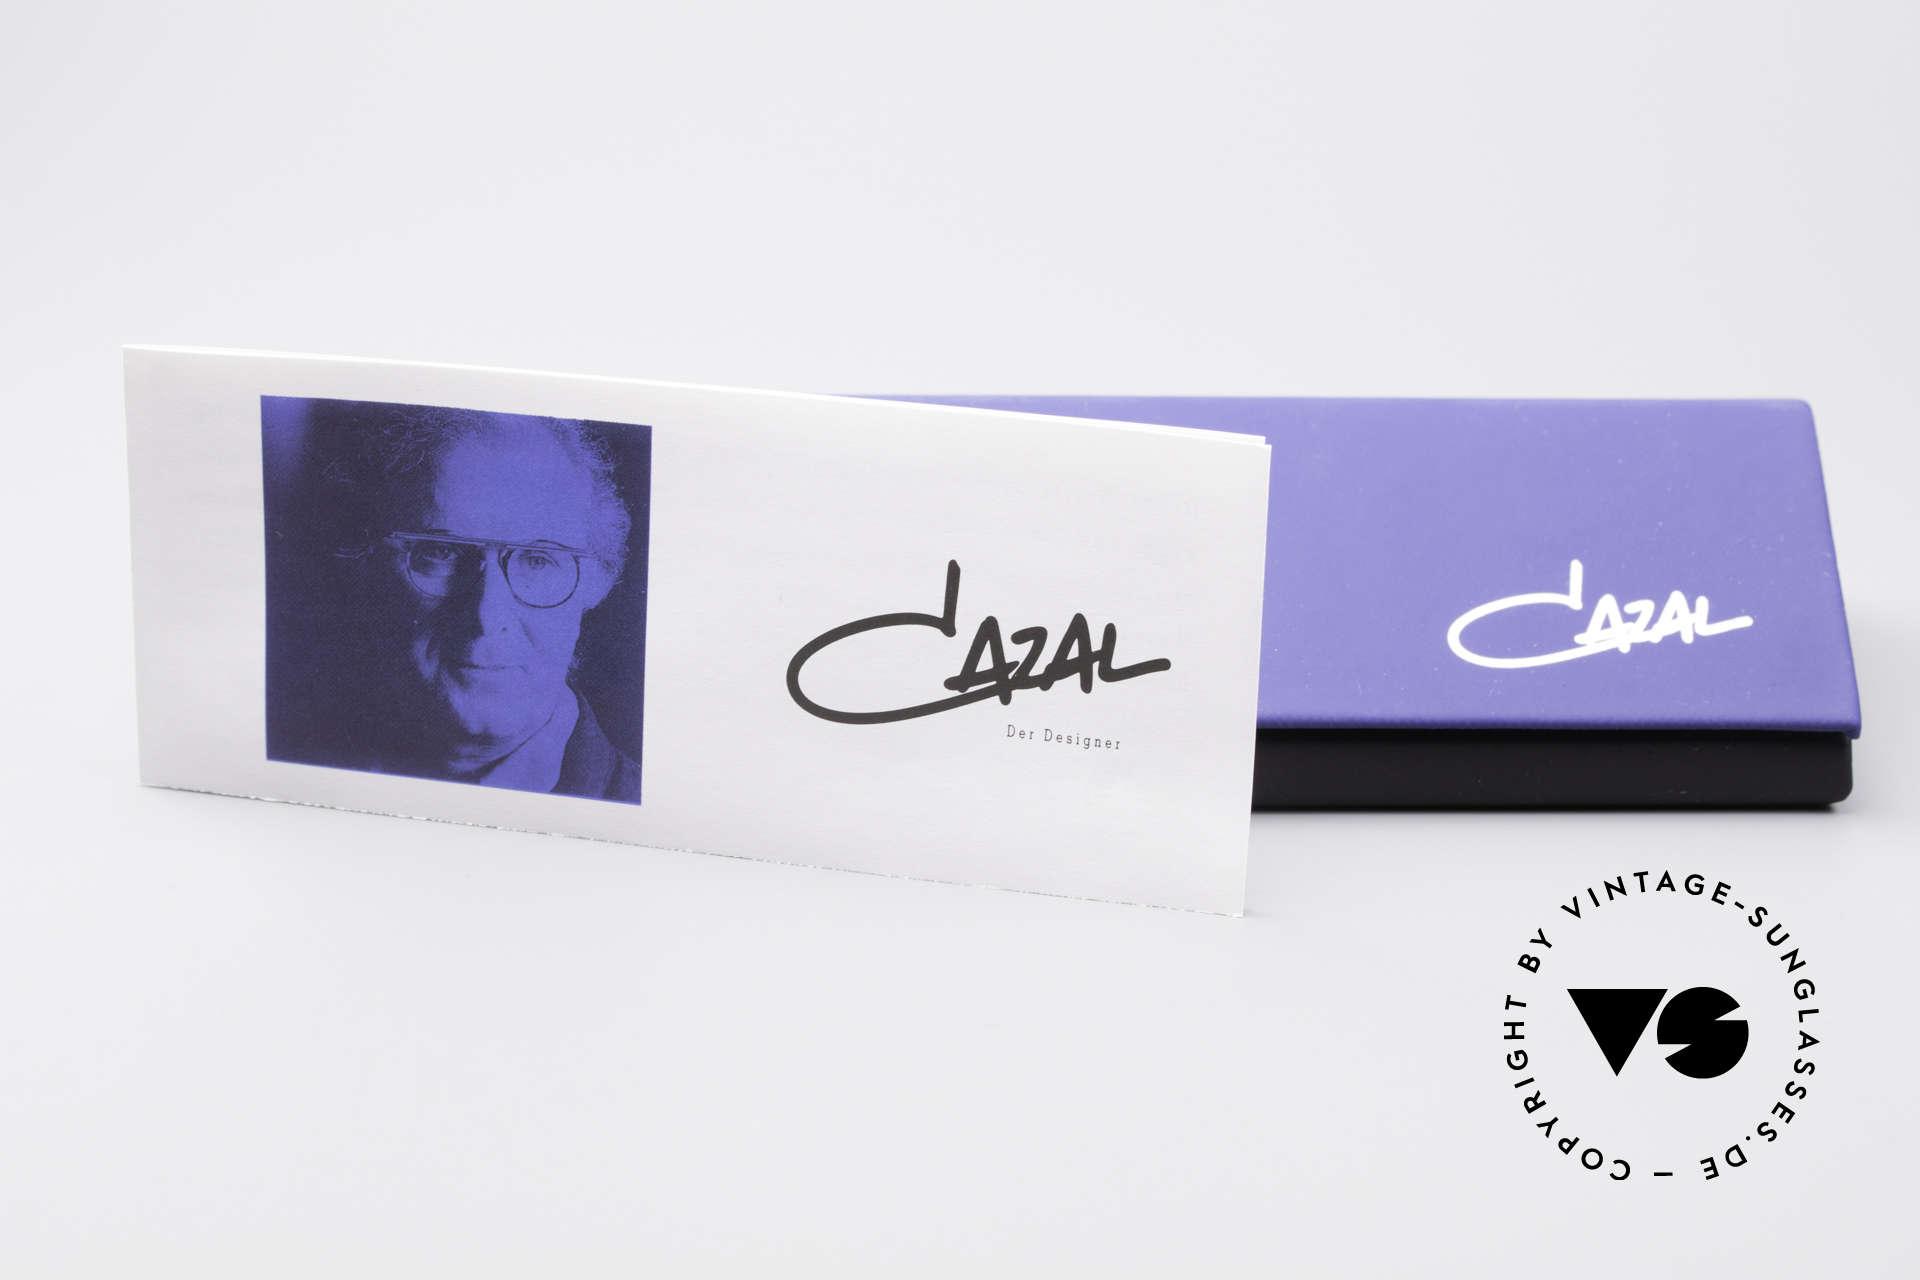 Cazal 284 Luxus Vintage Sonnenbrille, Größe: medium, Passend für Damen